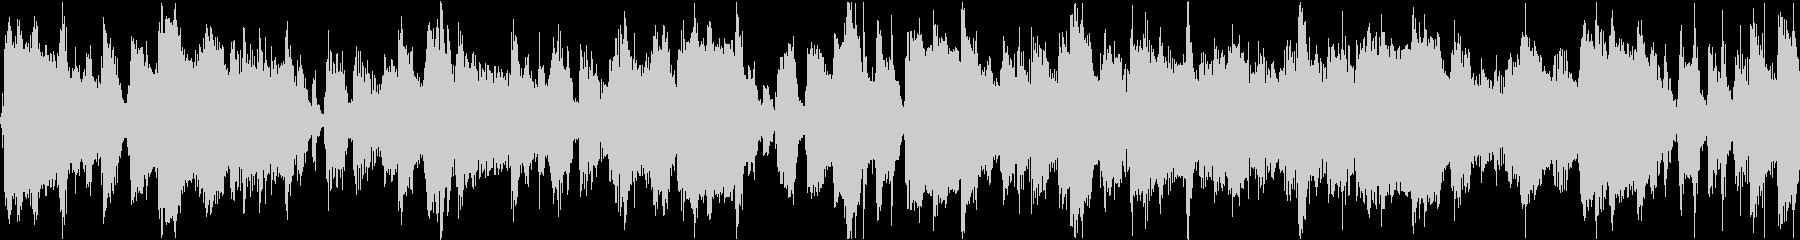 伝統的なハッピーバースデートゥユー...の未再生の波形